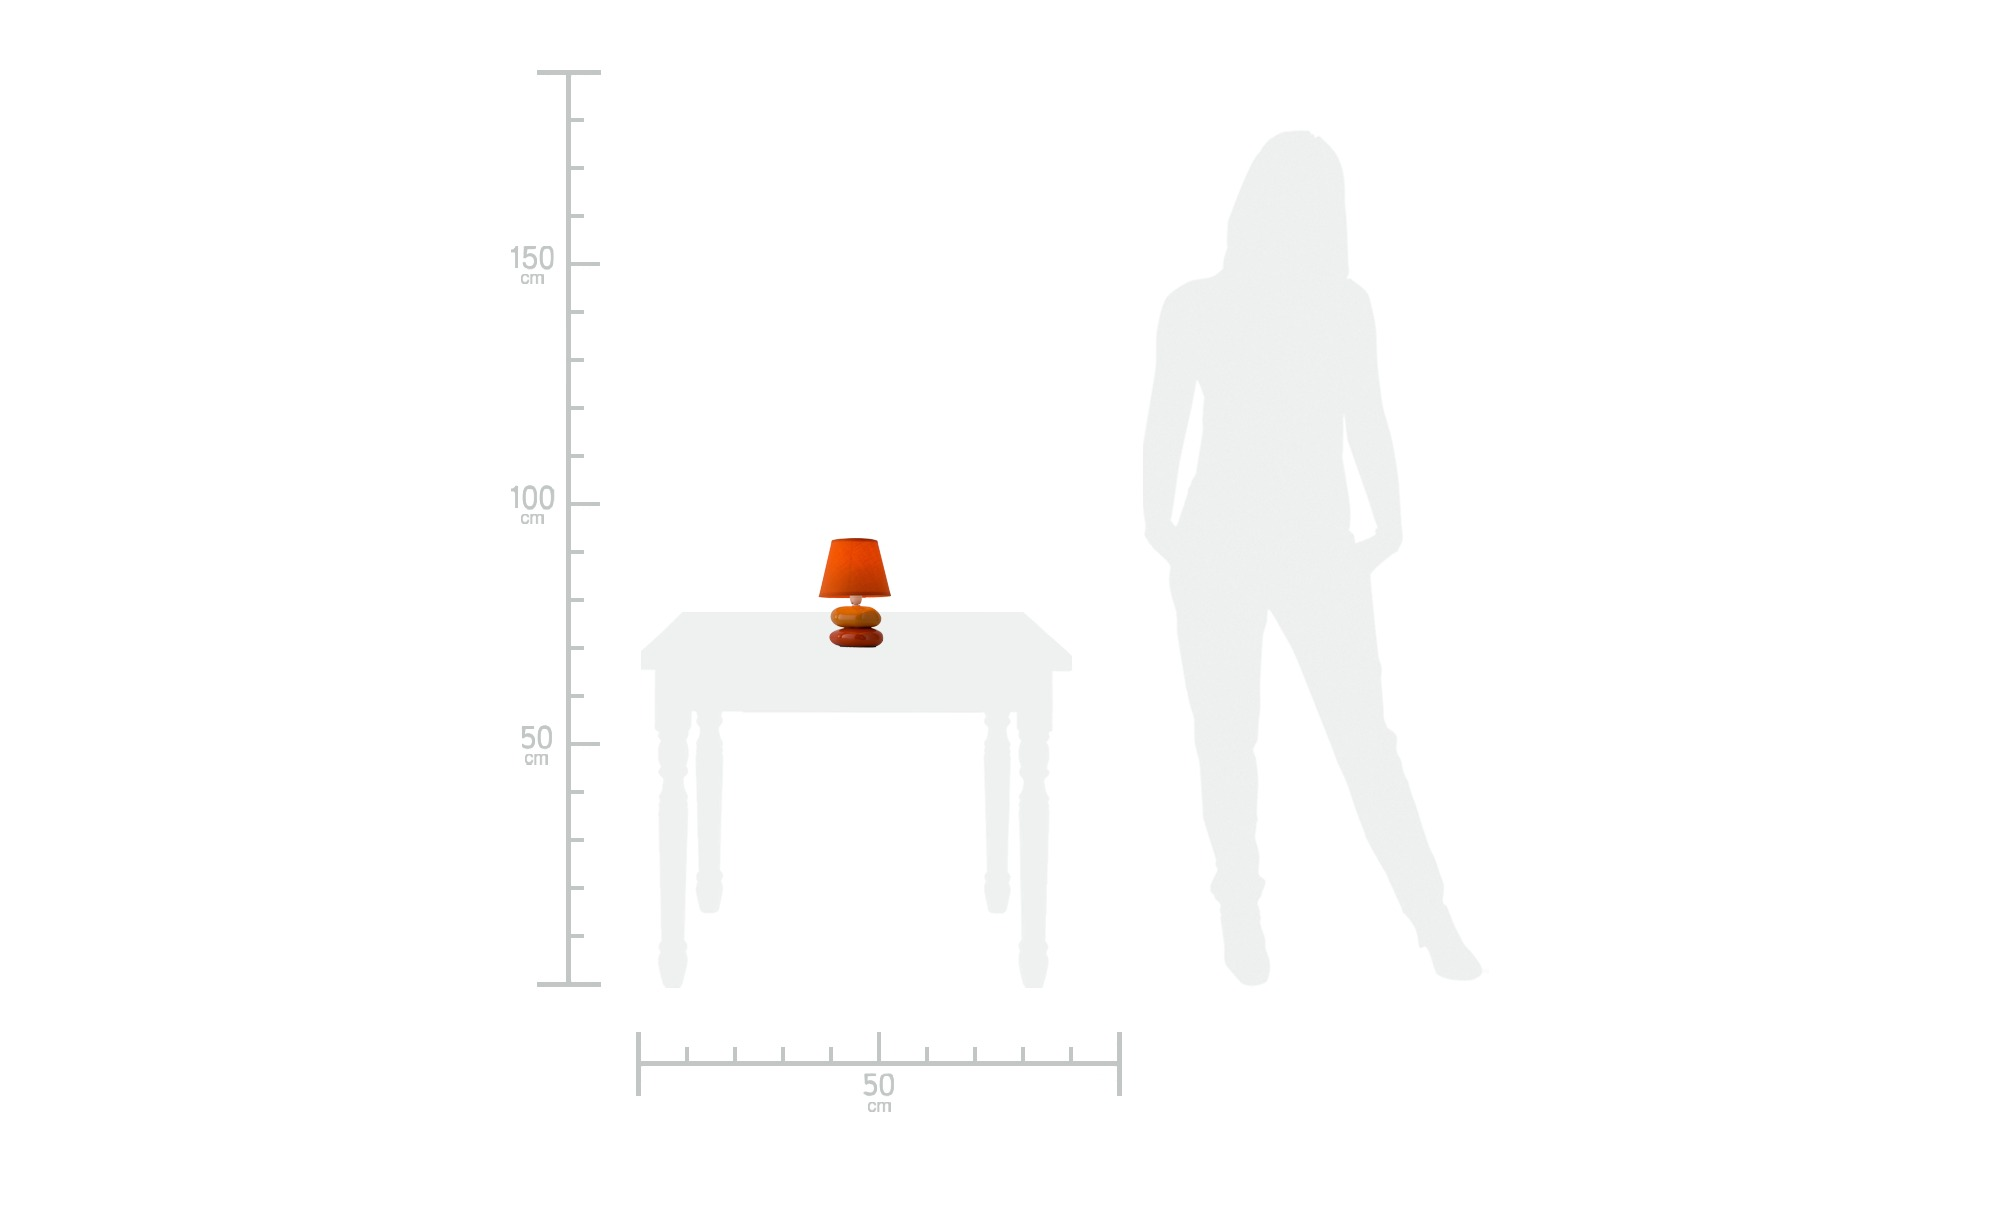 mehrfarbig andere beistelltischlampen online kaufen. Black Bedroom Furniture Sets. Home Design Ideas